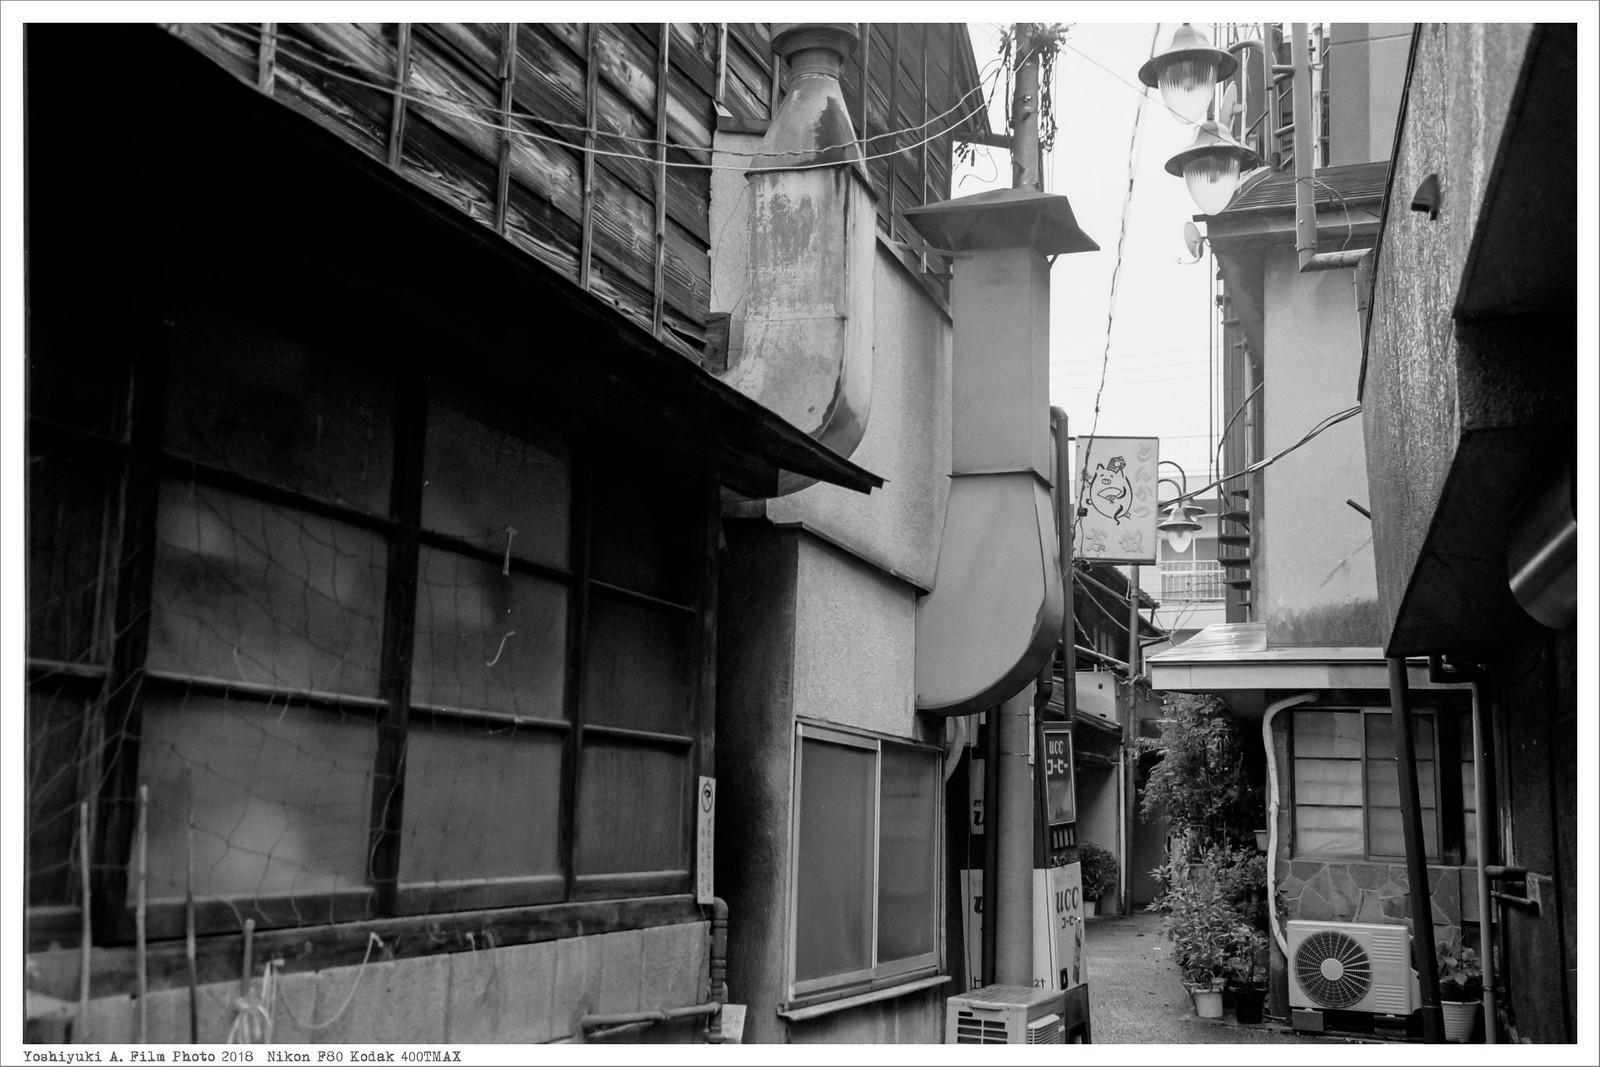 群馬県 桐生市 Nikon_F80_Kodak_400TMAX__09